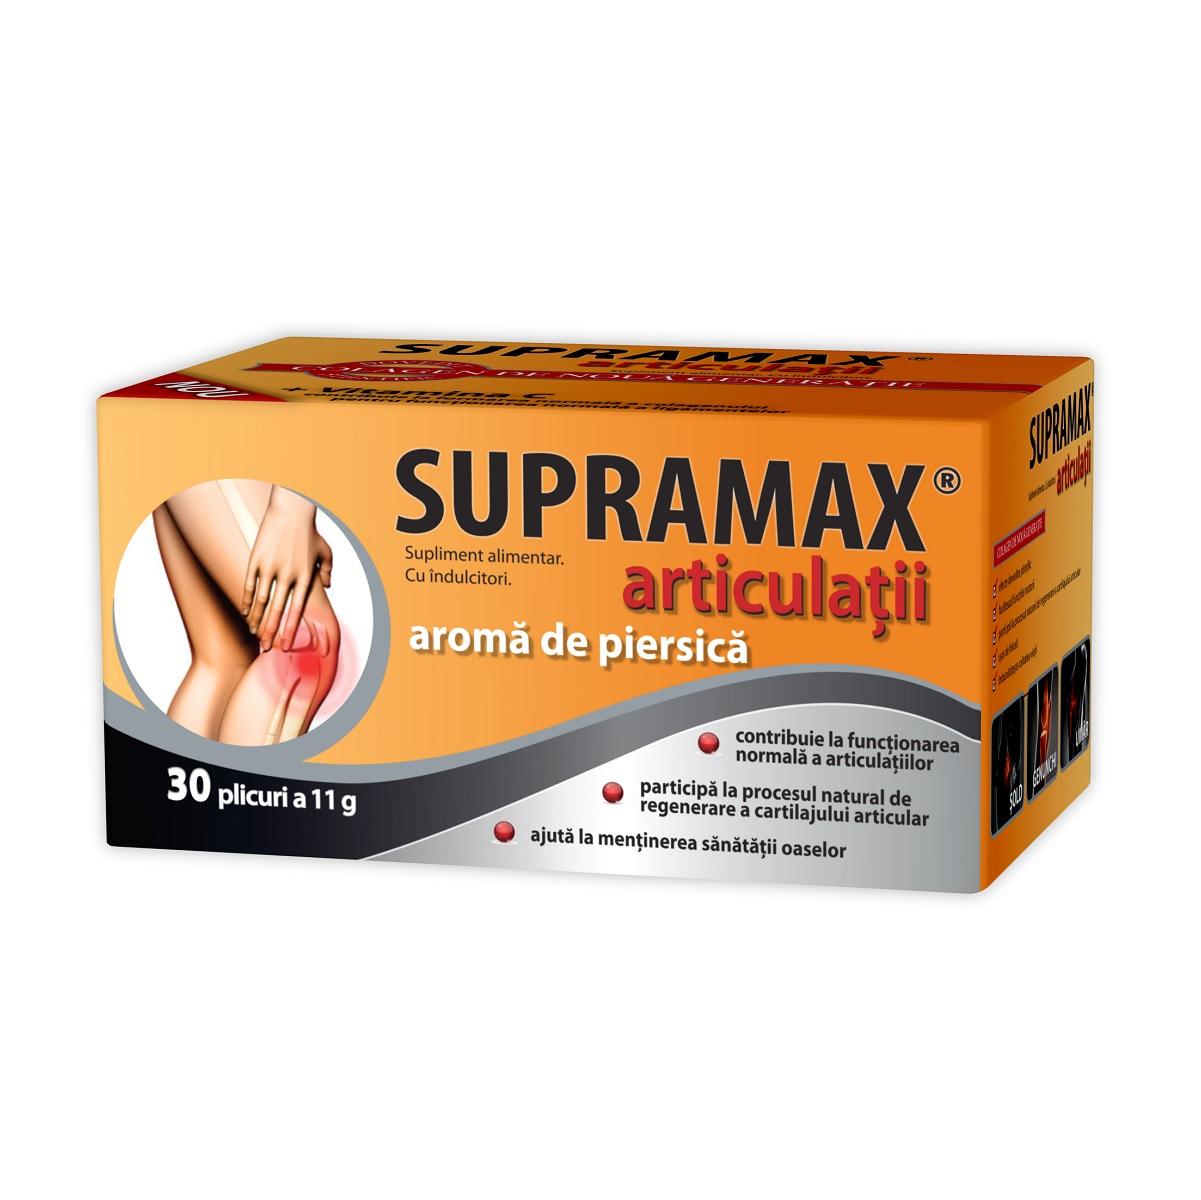 Supramax pentru articulatii cu aroma de piersica, 30 plicuri, Zdrovit drmax poza